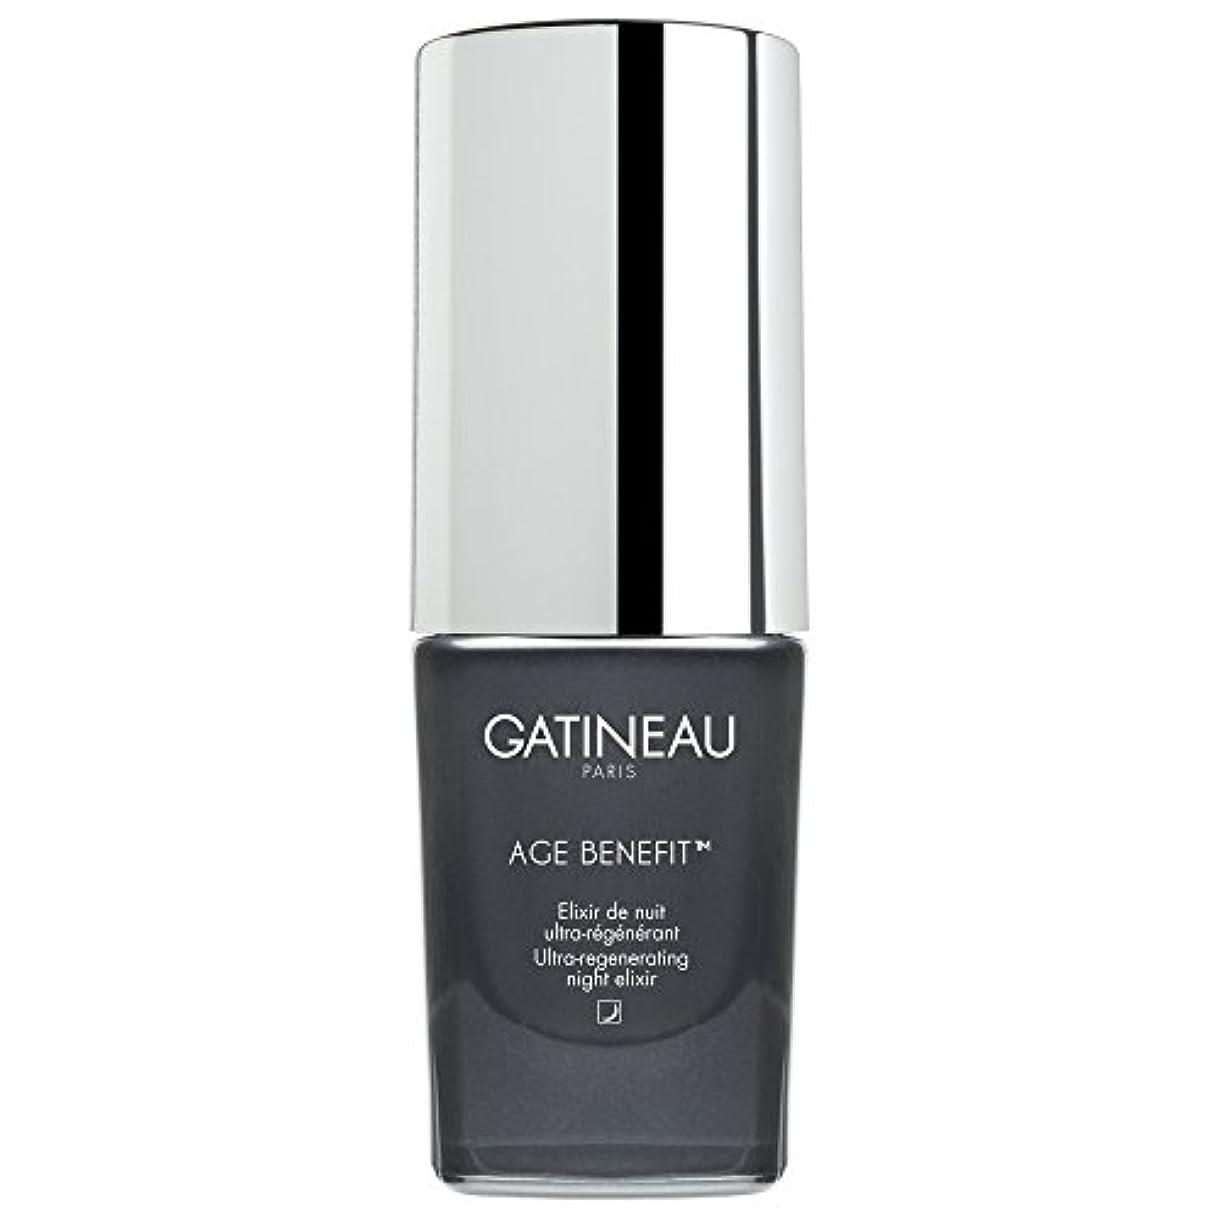 笑い進化するキウイガティノー年齢給付超再生夜のエリクシルの15ミリリットル (Gatineau) (x6) - Gatineau Age Benefit Ultra-Regenerating Night Elixir 15ml (Pack...